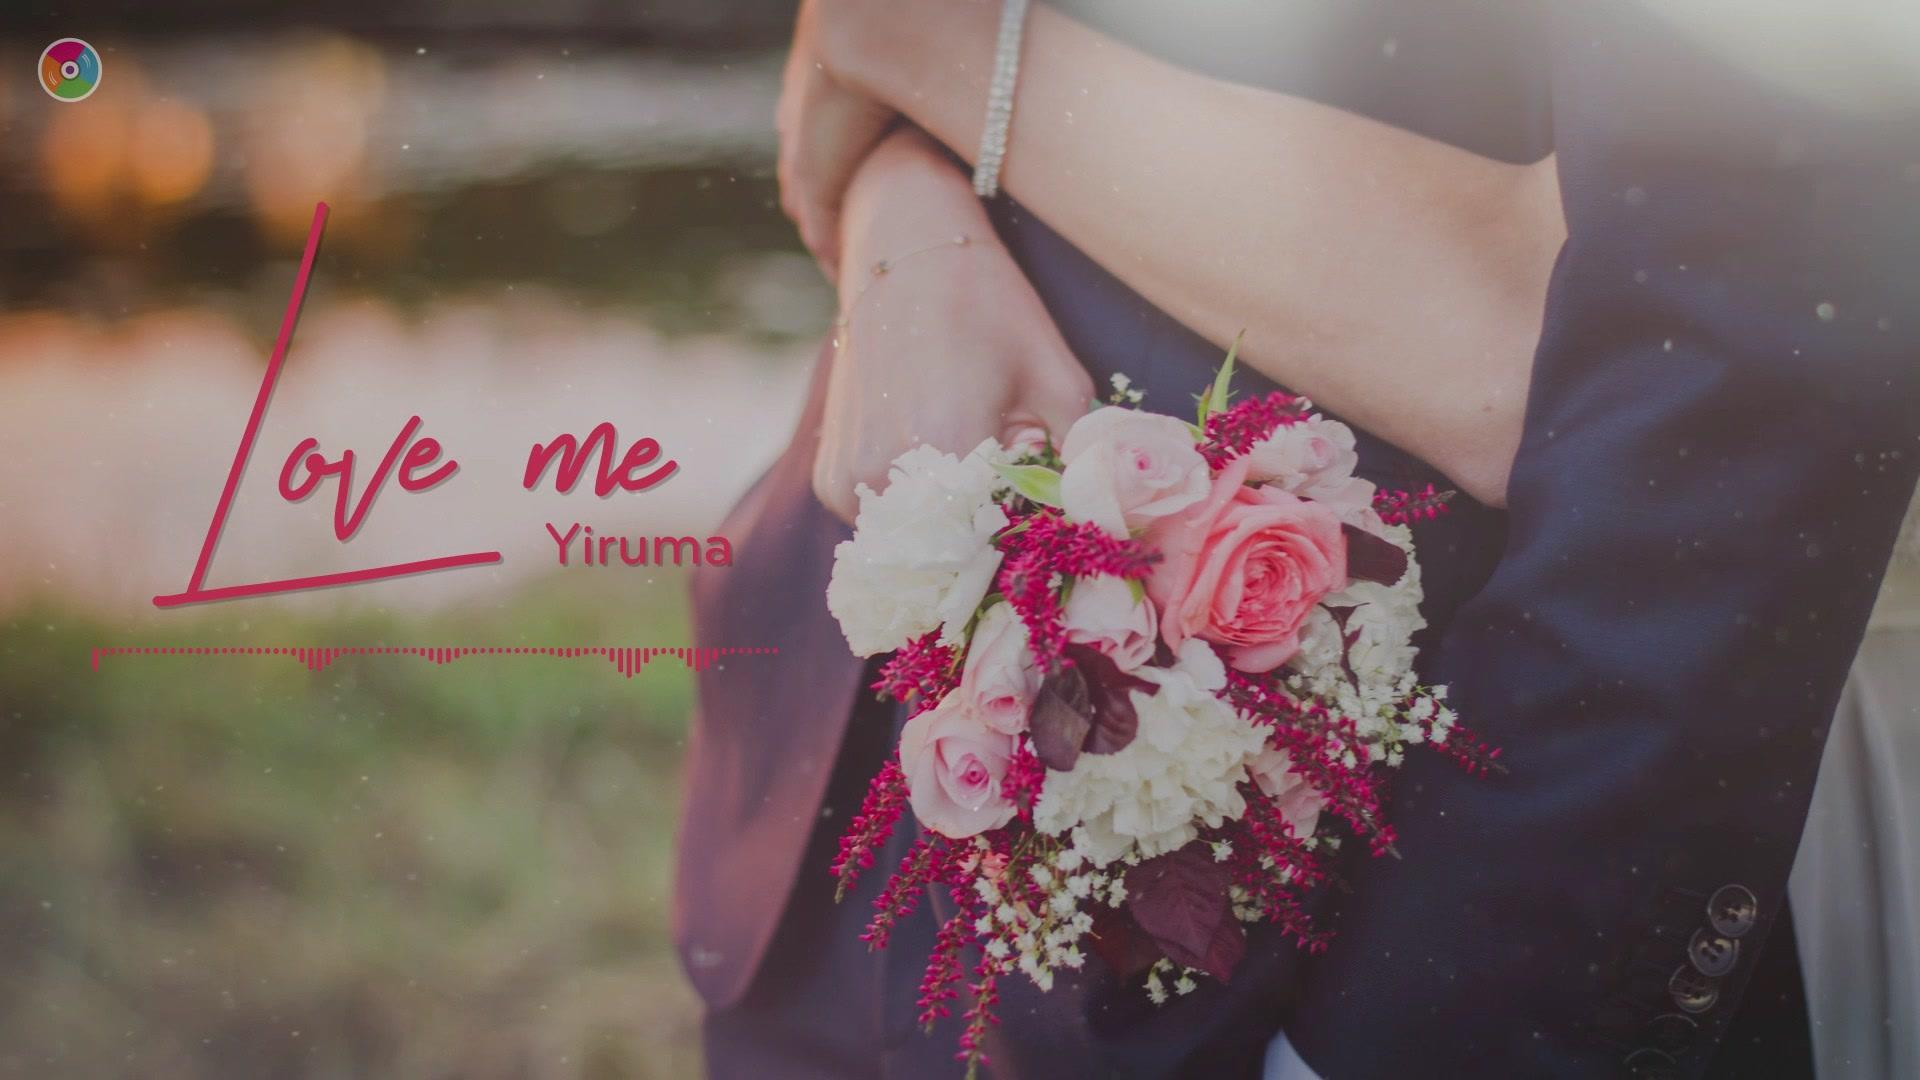 Love Me - Yiruma